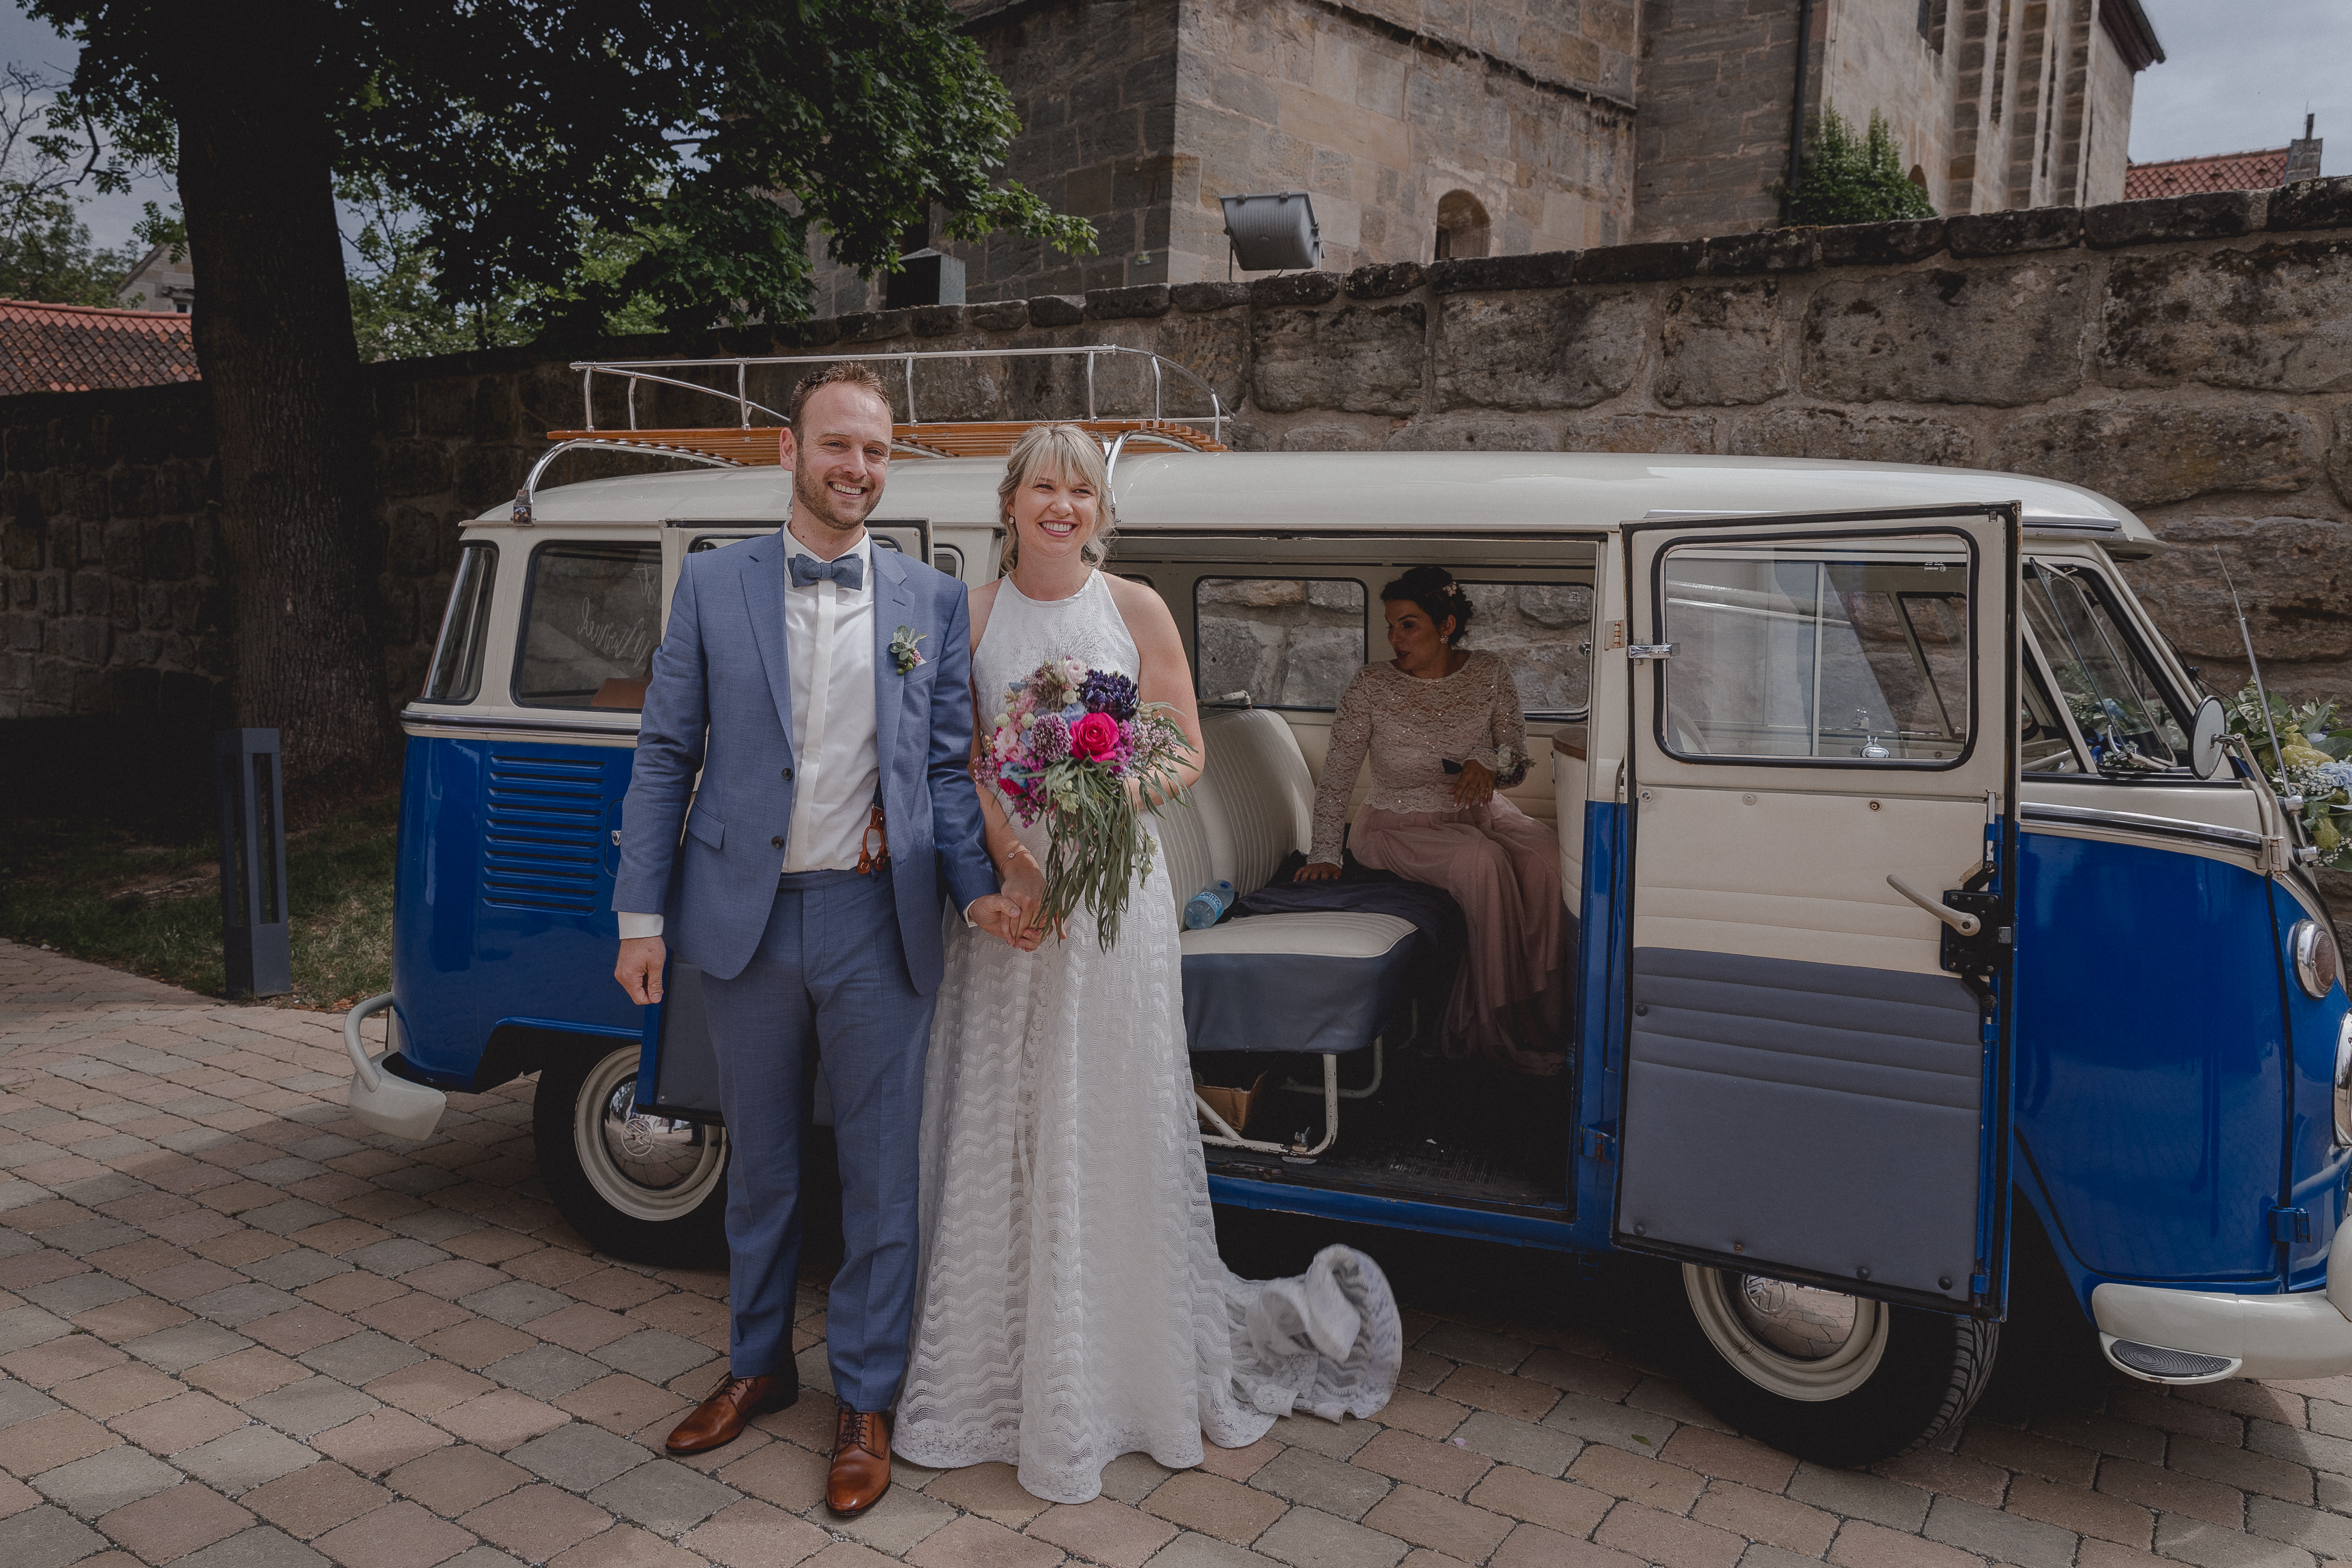 Hochzeitsfotograf-Nuernberg-Design-Offices-Urbanerie-Sabrina-und-Simon-017